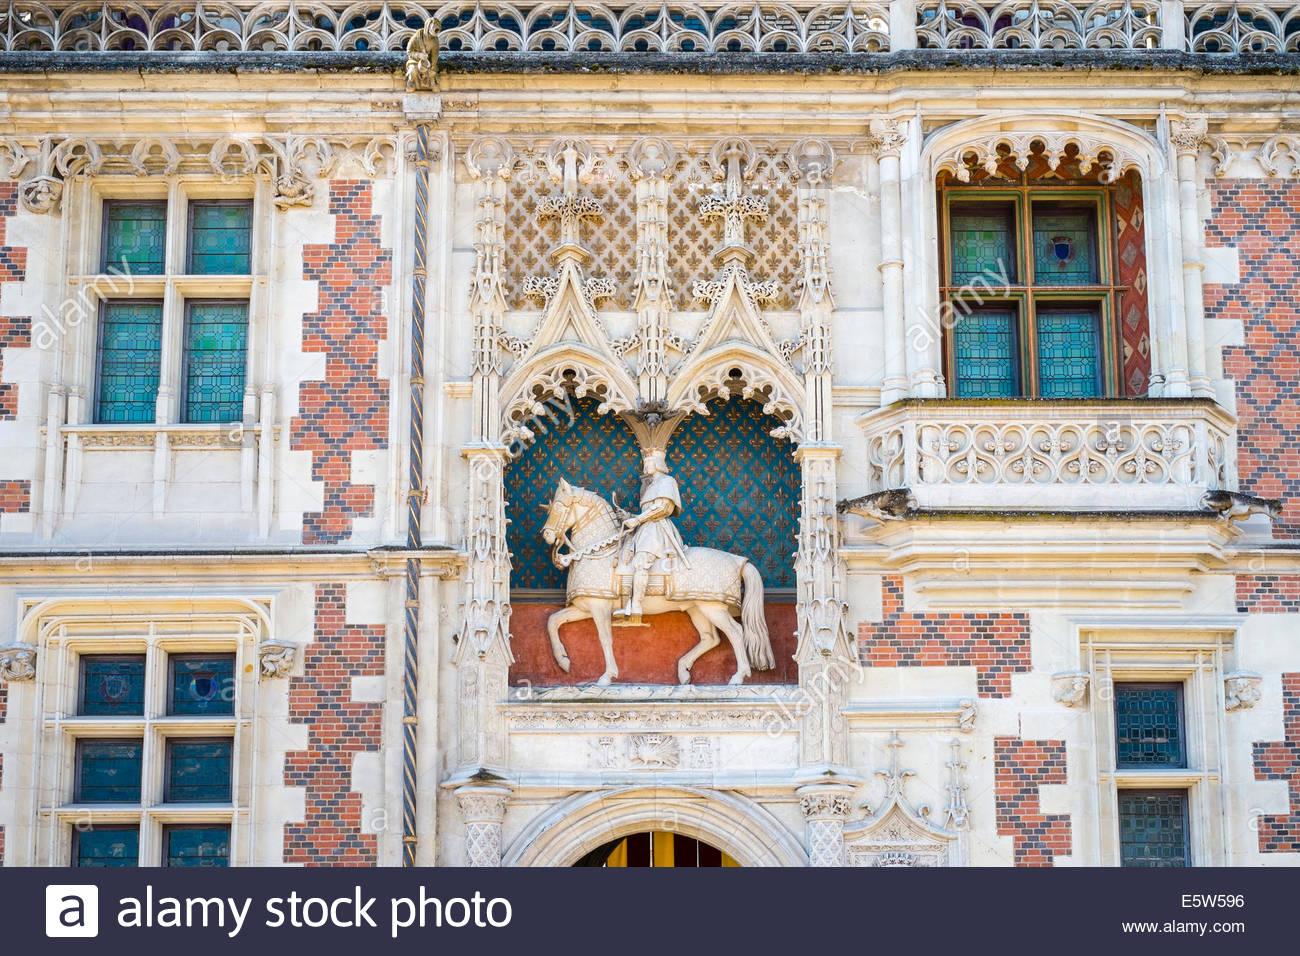 Statue of Louis XII on the front facade of Château Royal de Blois castle, Blois, Loire-et-Cher, Centre, France - Stock Image